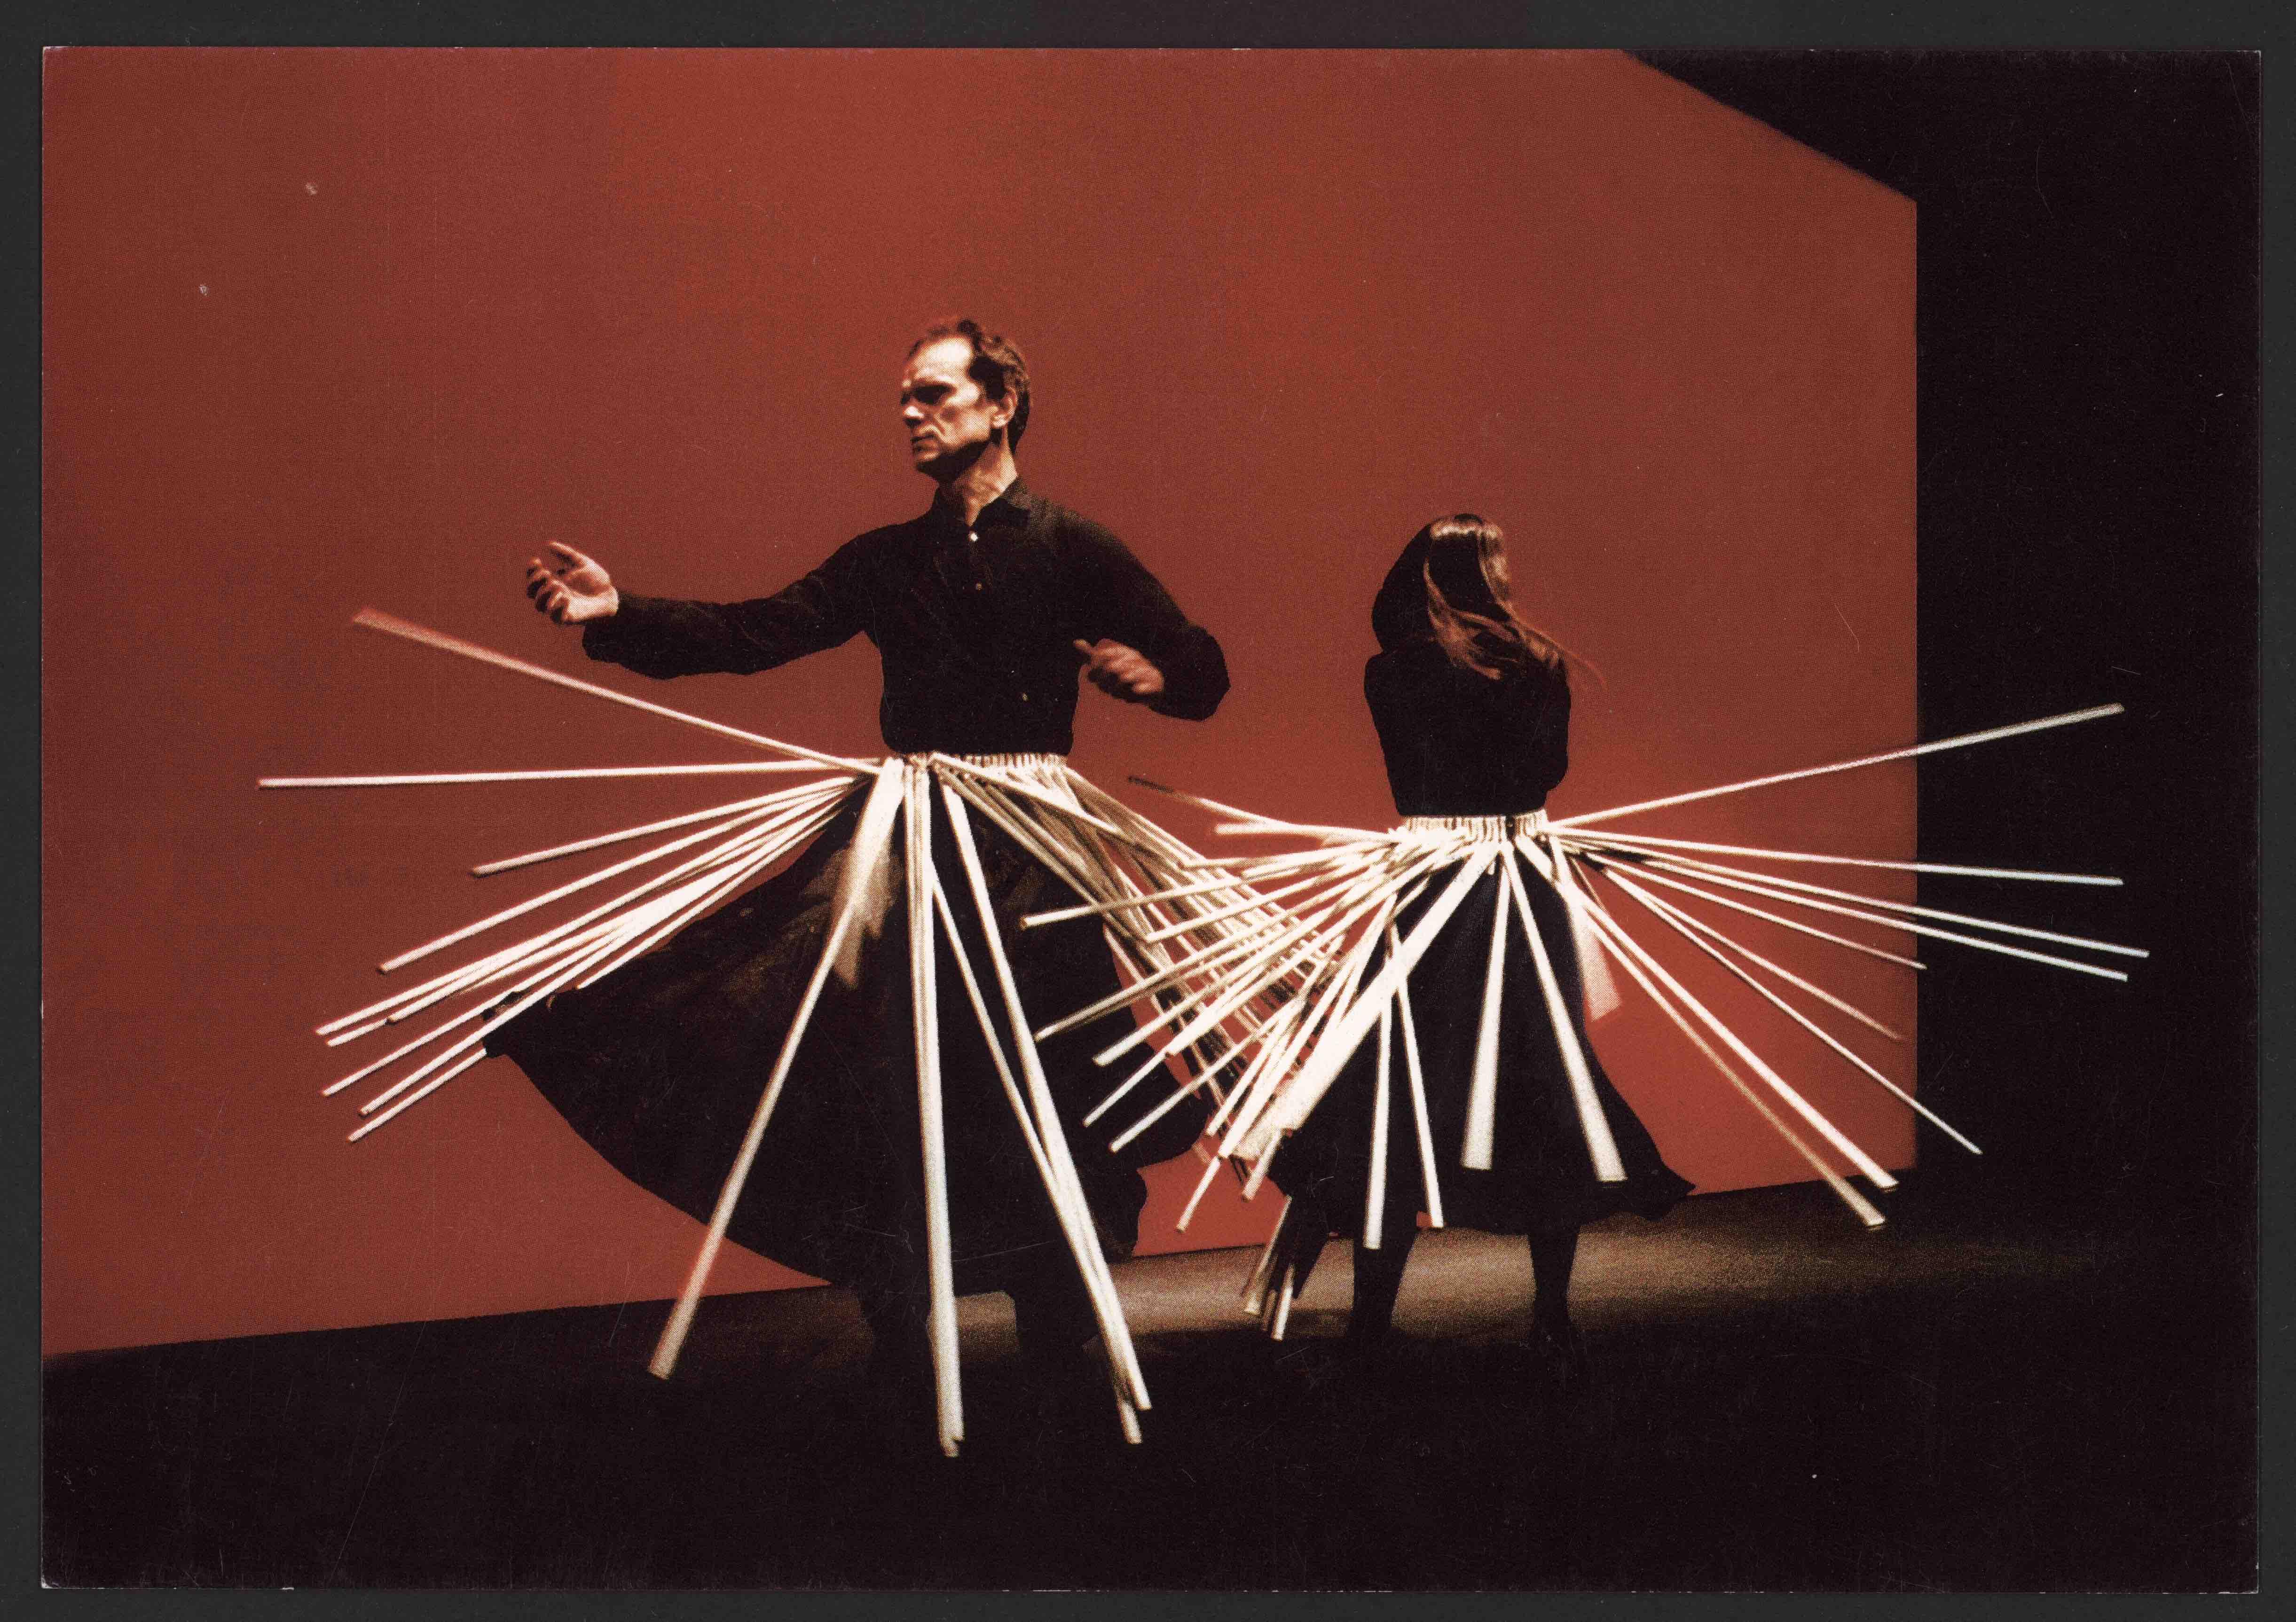 'The Song', by Akademia Ruchu, 2005. Photo: Stefan Okołowicz, courtesy of Stowarzyszenie Przyjaciół Akademii Ruchu.